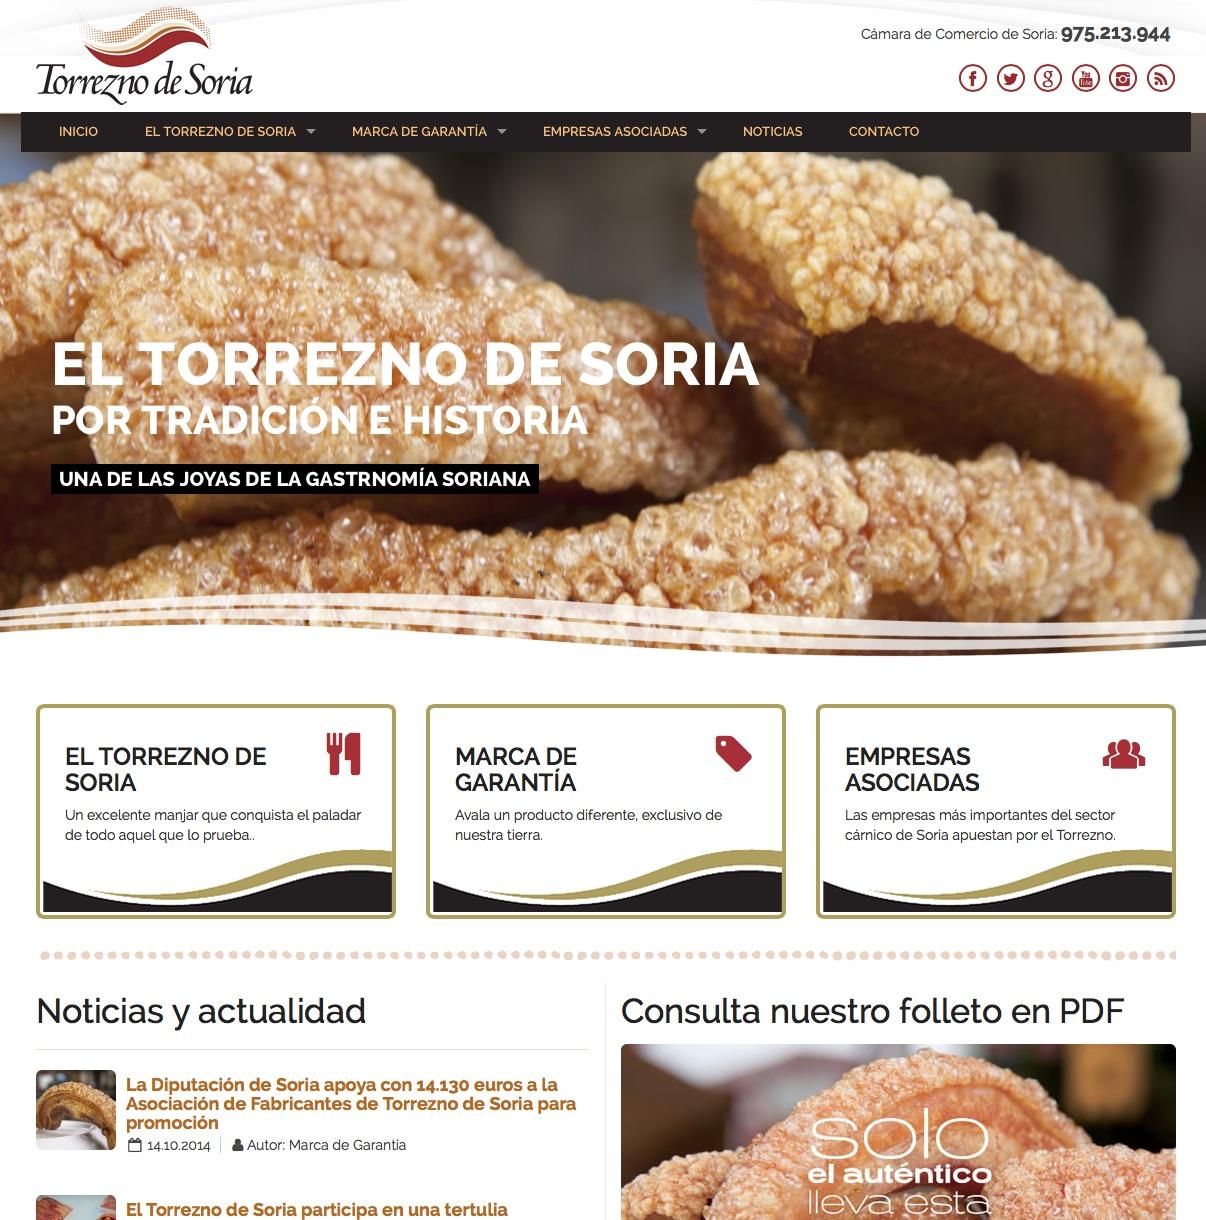 Nuevo trabajo: Web de la Marca de Garantía Torrezno de Soria